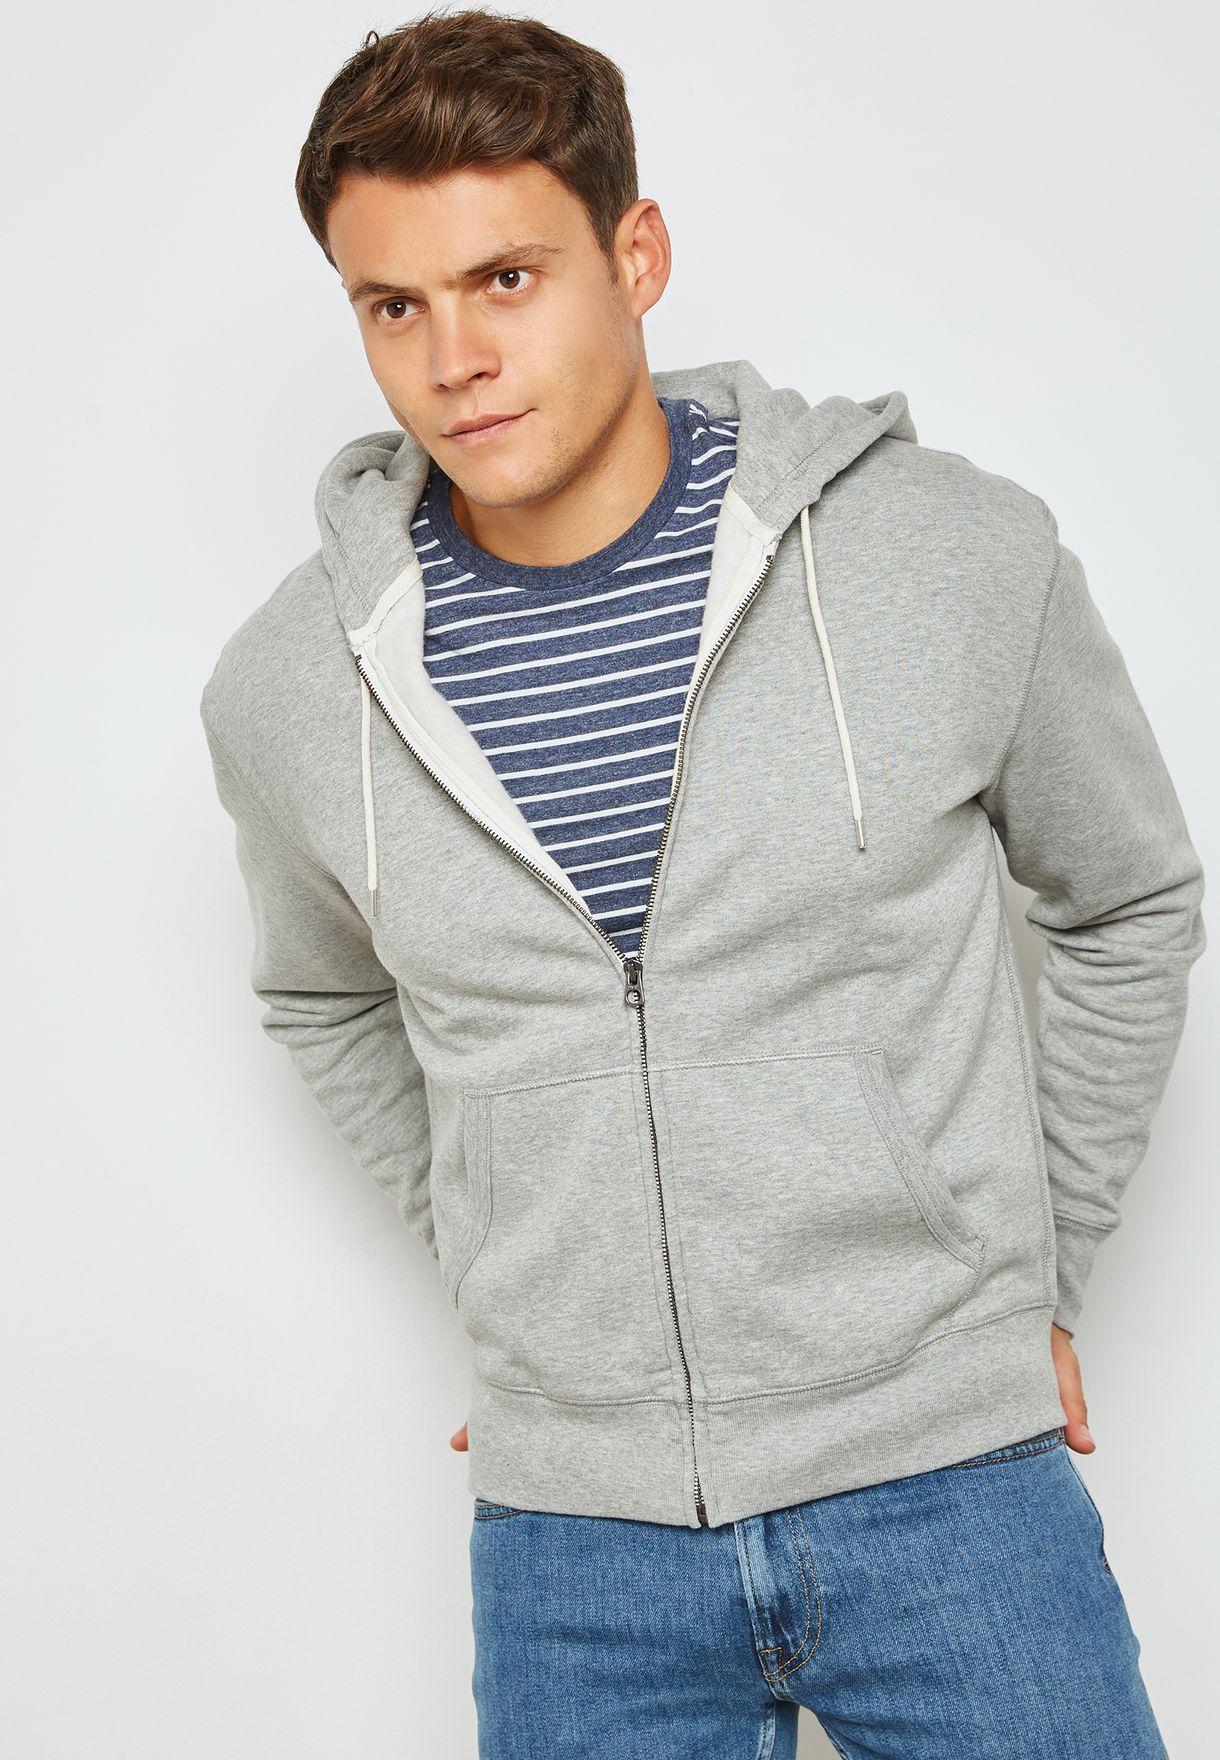 528d88c81 Shop J.Crew grey Brushed fleece Full Zip Hoodie J7020 for Men in ...